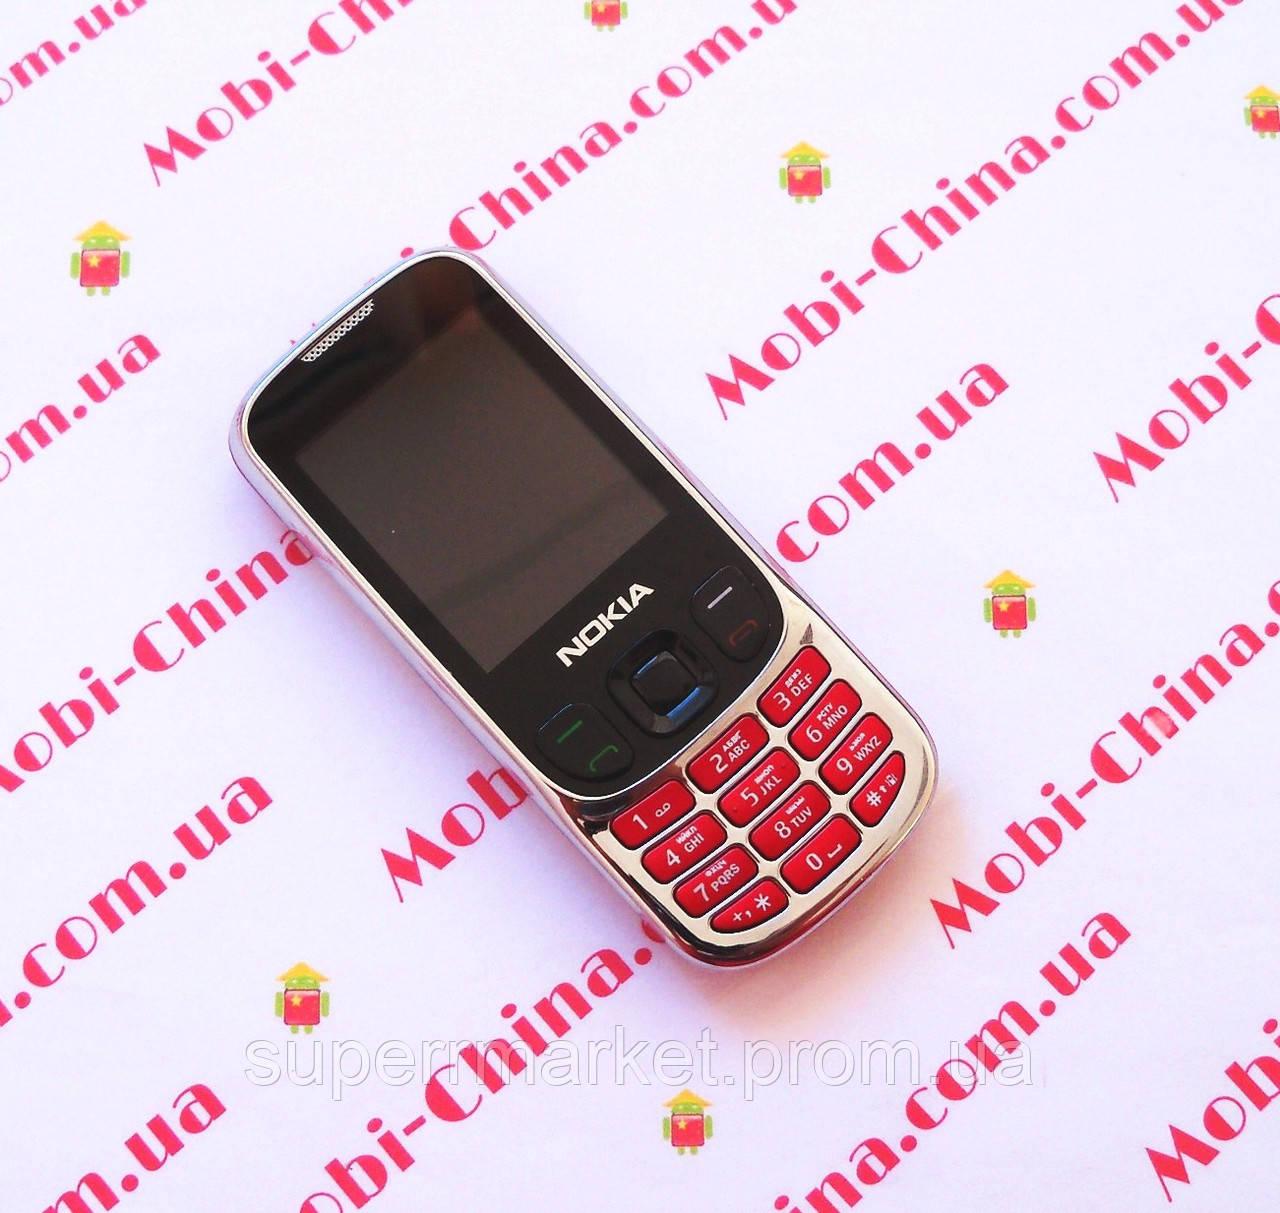 Копия Nokia 6303 на 3 сим-карты  nokia S6+